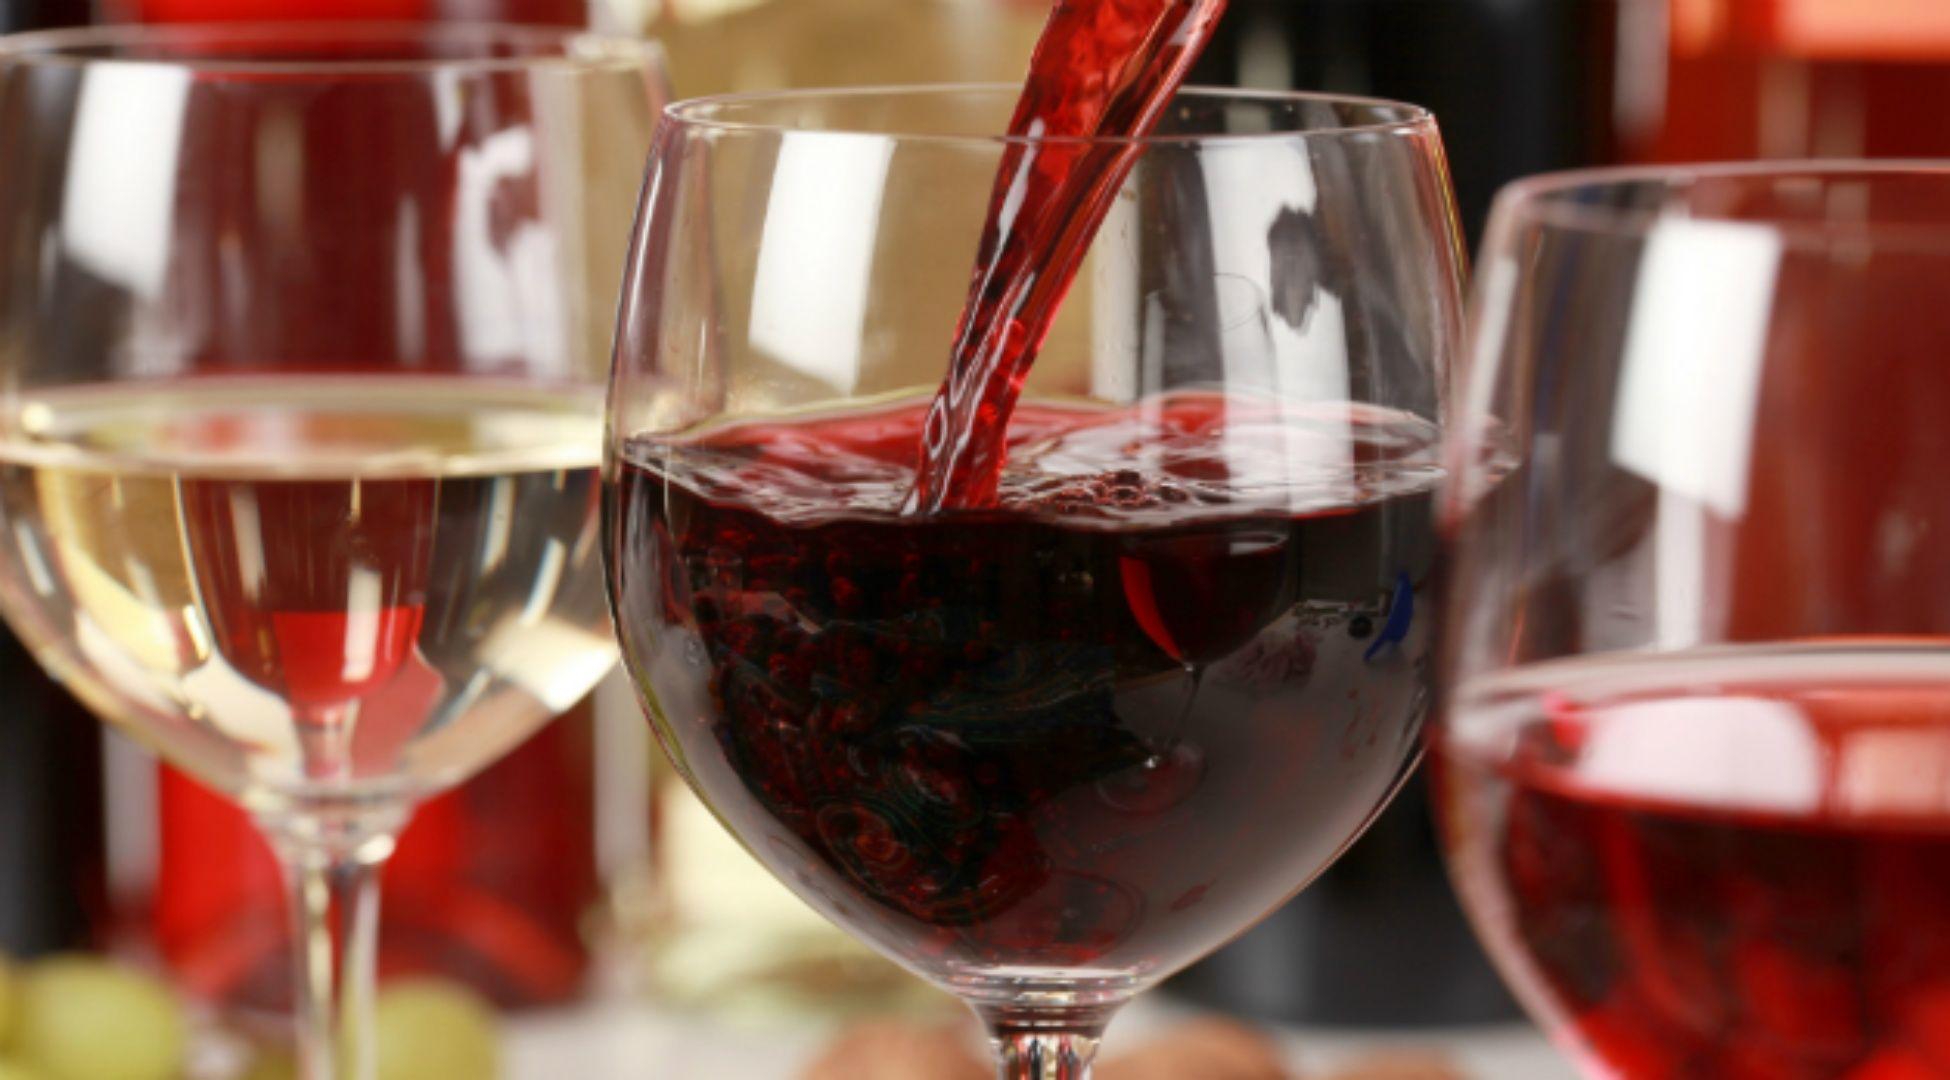 O vinho tinto e o vinho branco têm necessidades de conservação diferentes (Foto: Shutterstock)